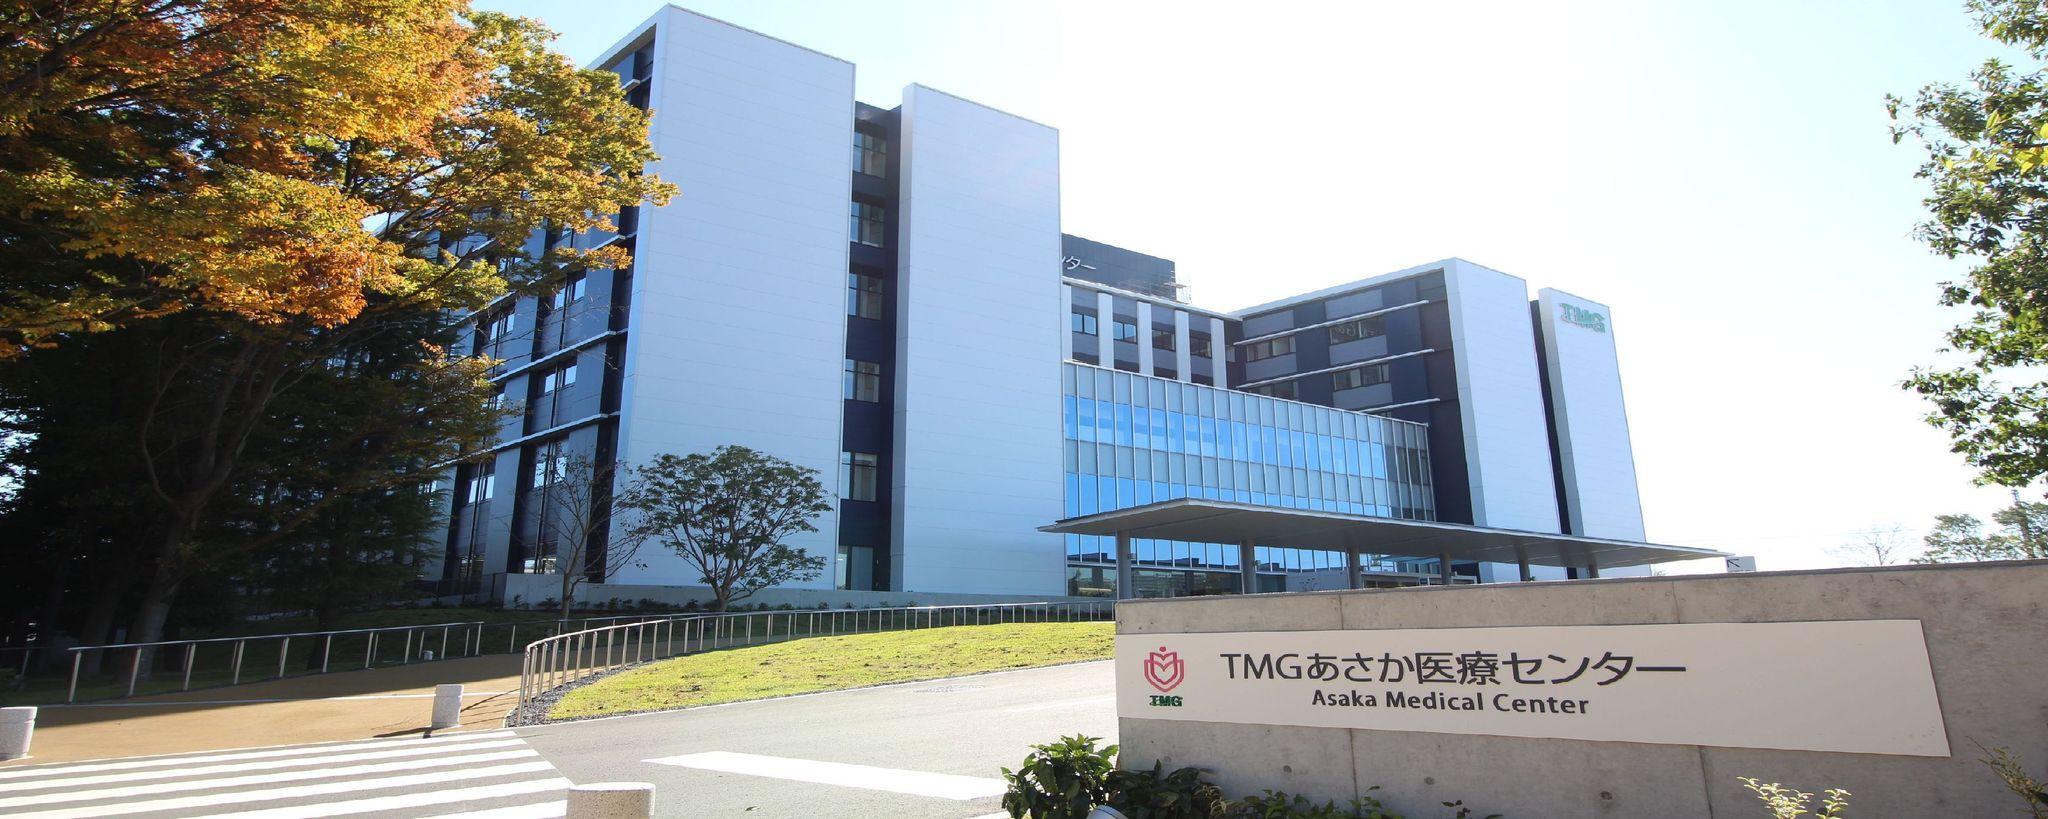 【TMGあさか医療センター】の看護師(ナース)就職・転職・求人・採用情報